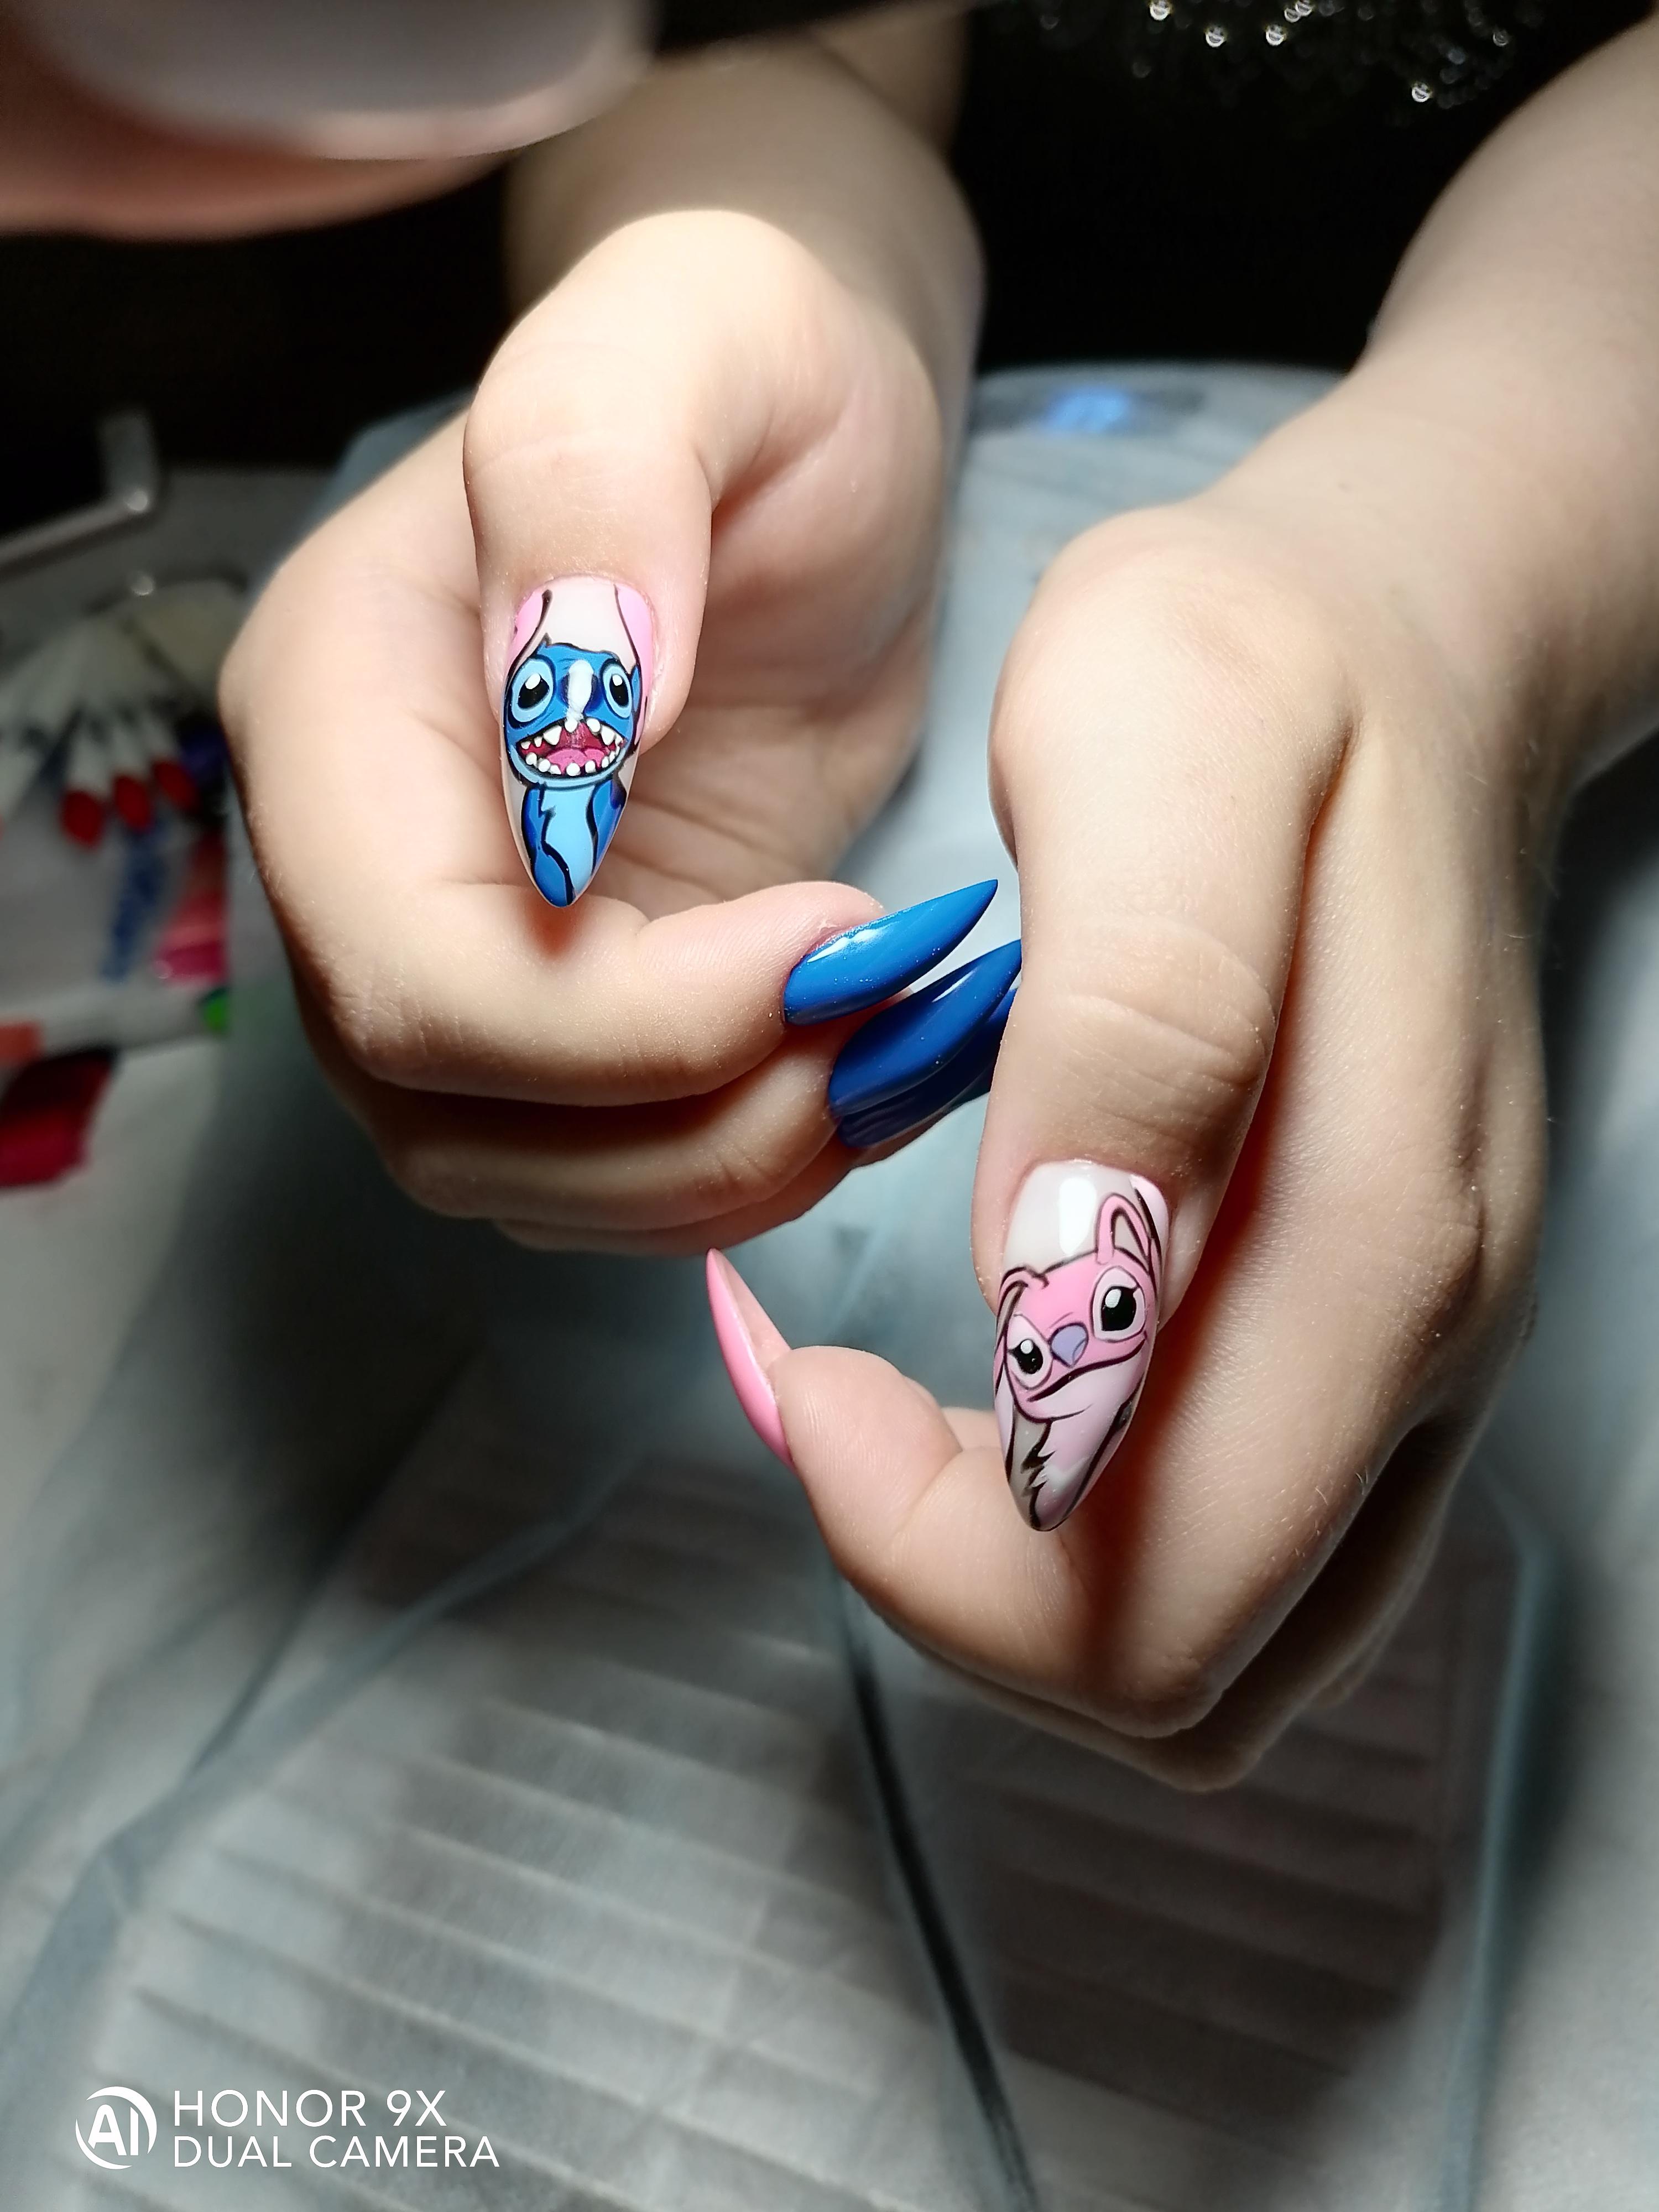 Контрастный маникюр с мультяшным рисунком на длинные ногти.